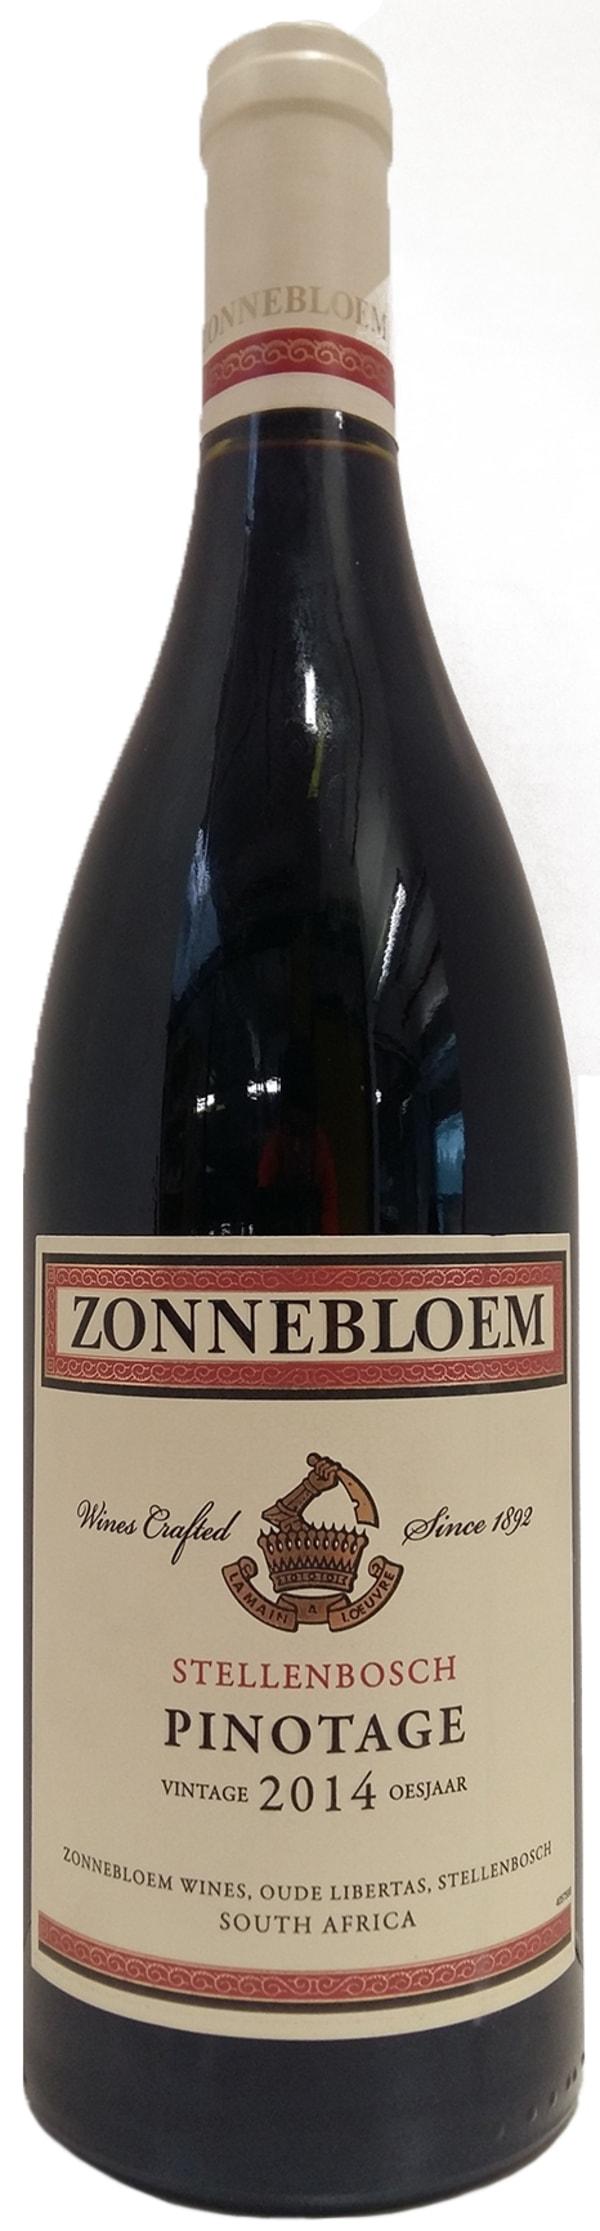 Zonnebloem Pinotage 2014